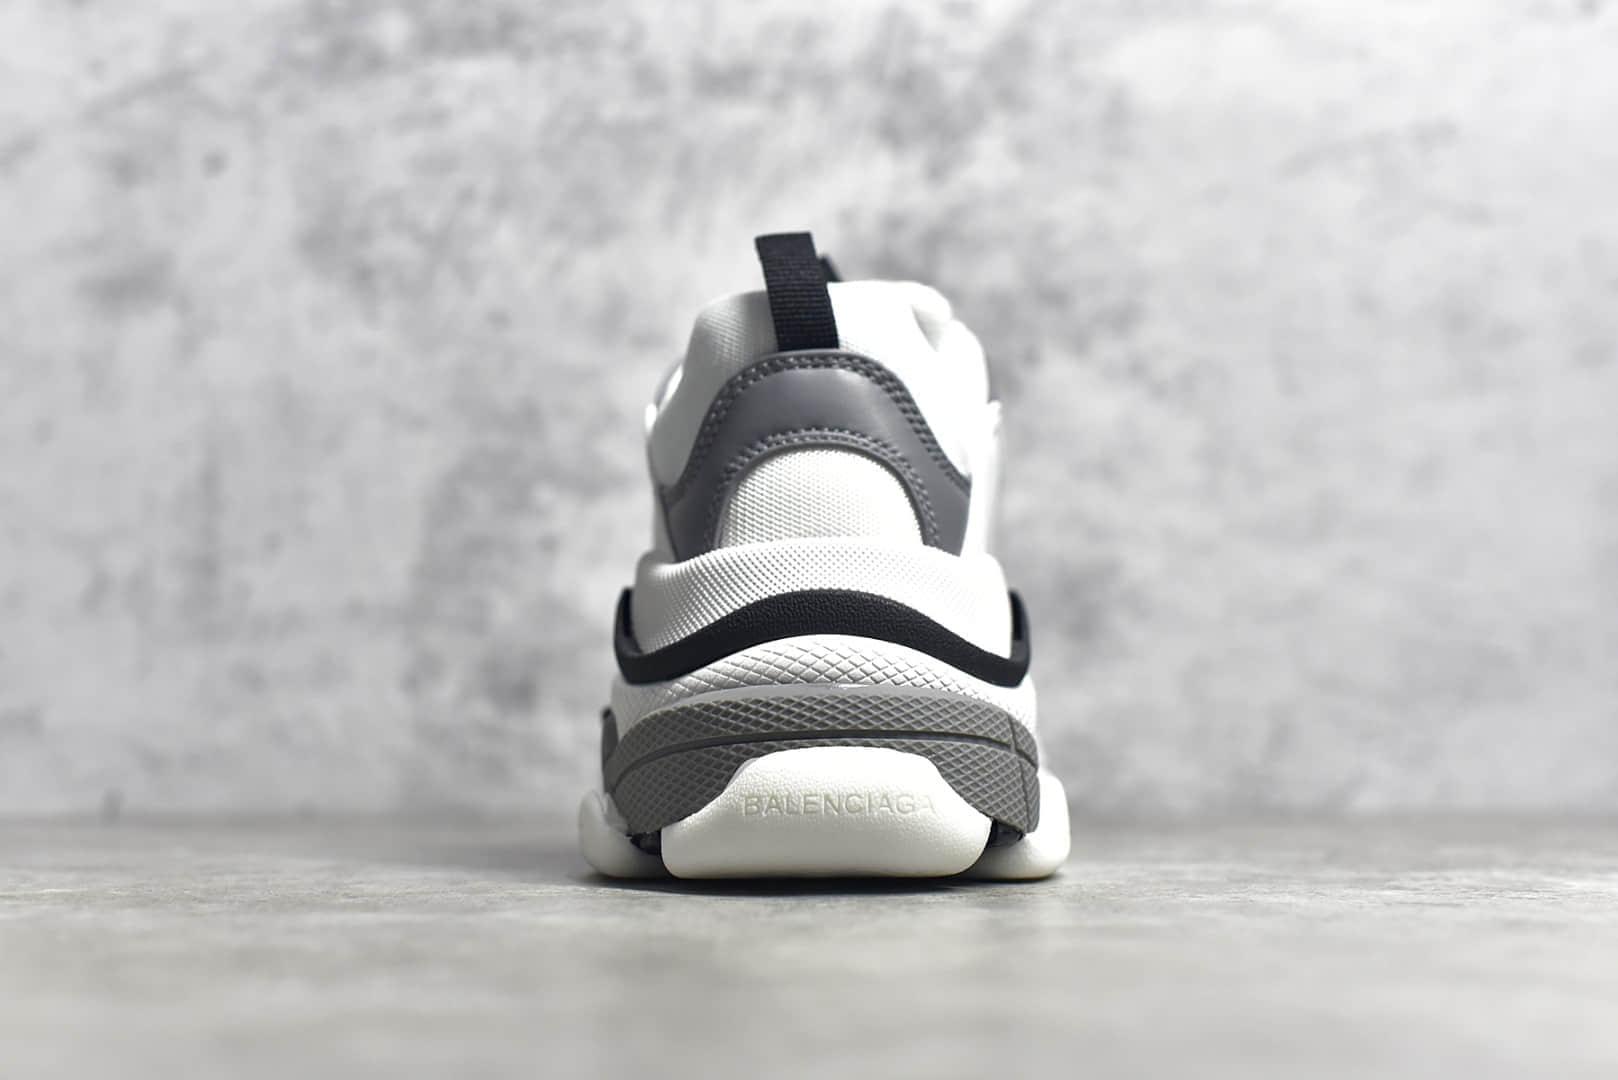 巴黎世家黑白灰一代老爹鞋 Balenciaga Triple S 莆田巴黎世家代工厂货源-潮流者之家